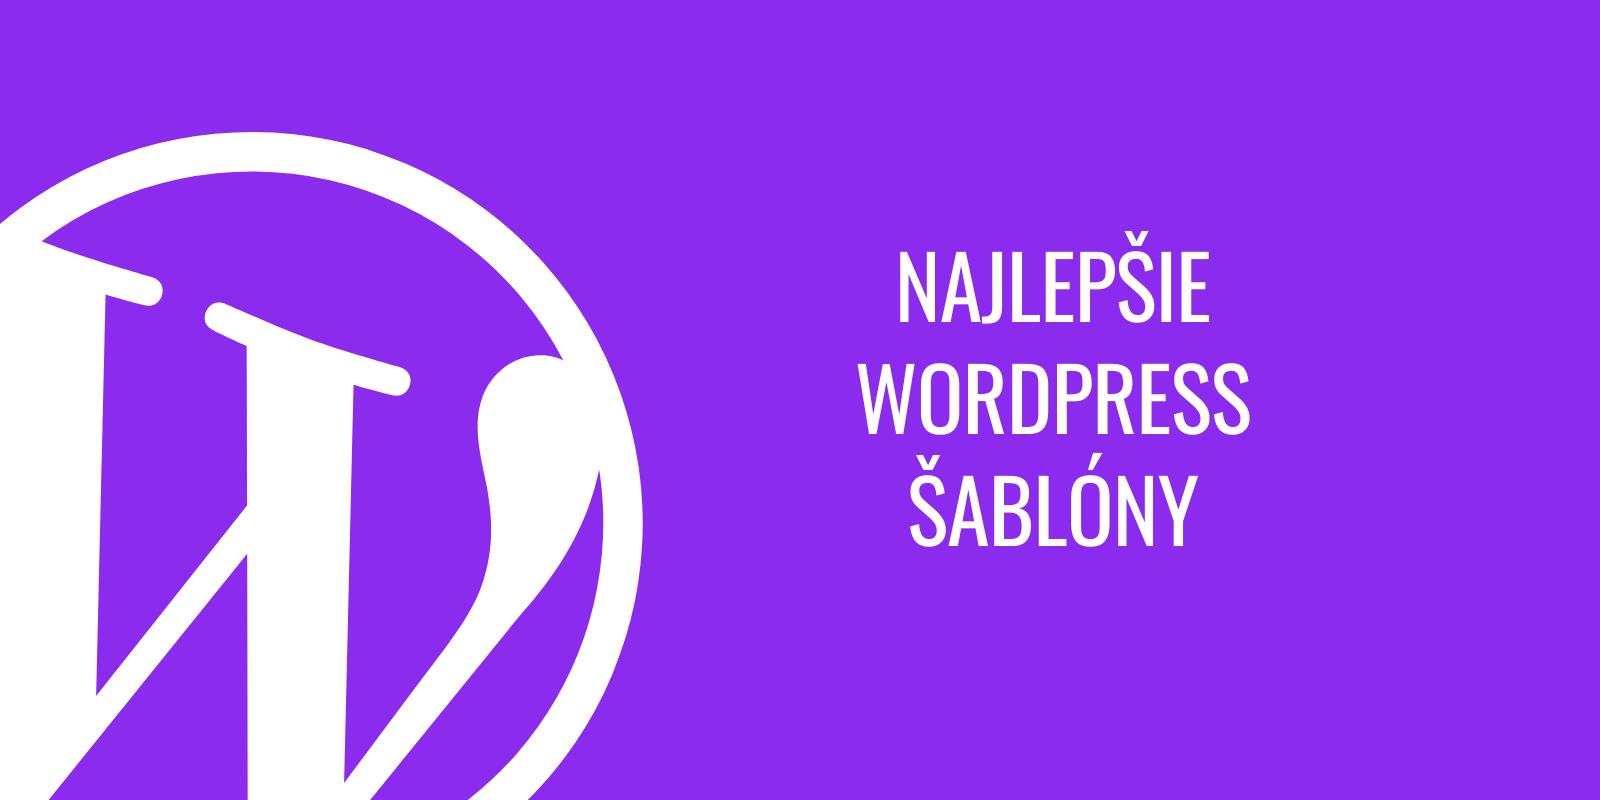 Najlepšie WordPress šablóny pre rok 2020 - tie najobľúbenejšie